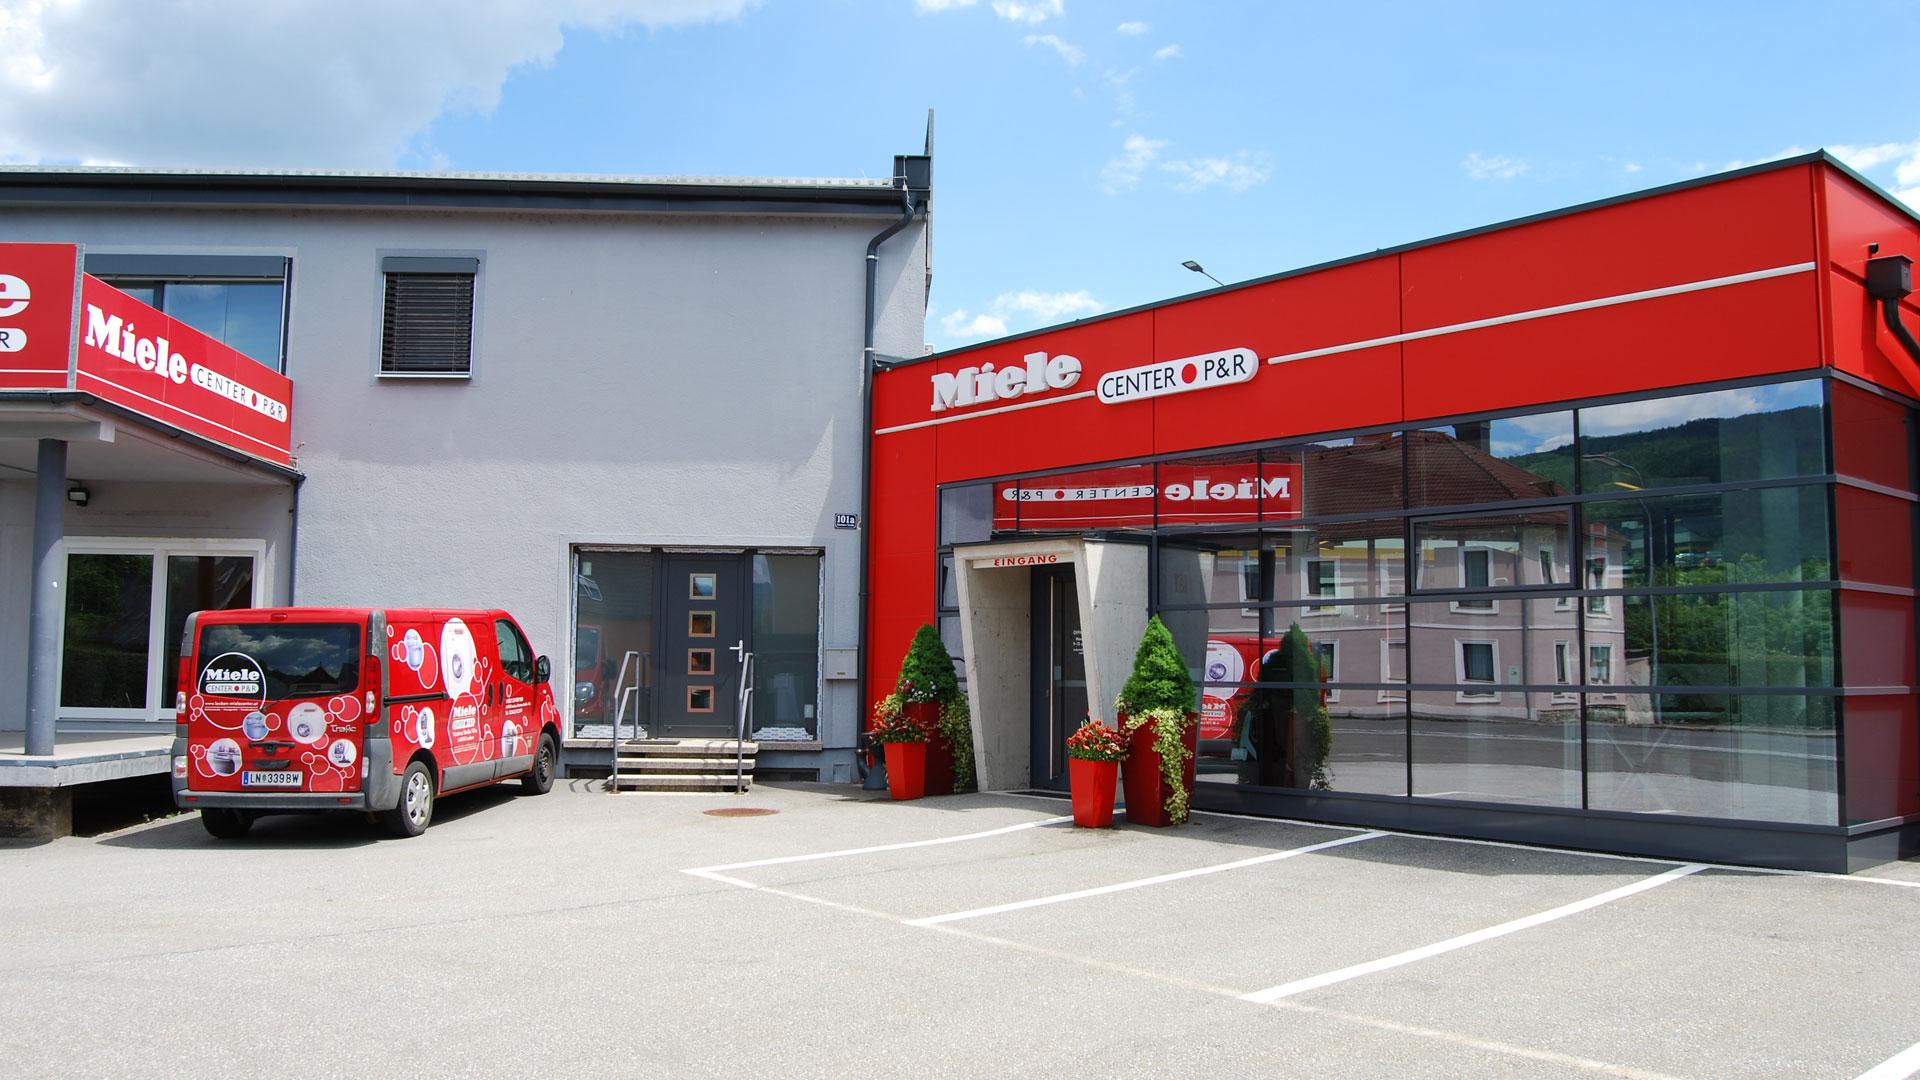 Miele Center P & R mit eigenem Kundendienst in Leoben, Steiermark